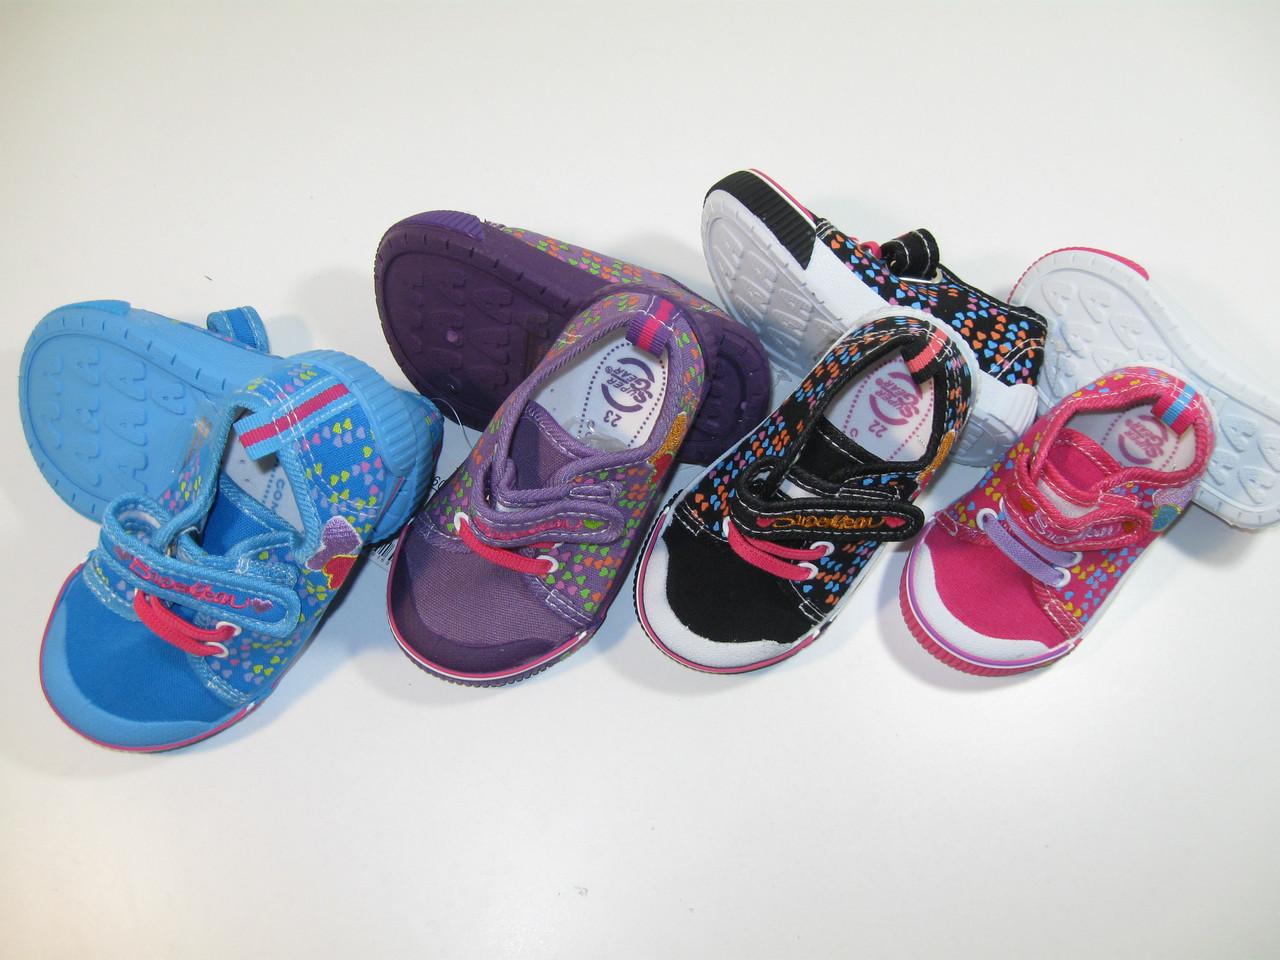 b04105332 Текстильная обувь для девочек, размеры 20,21,22,23,24,25, арт. A 9960